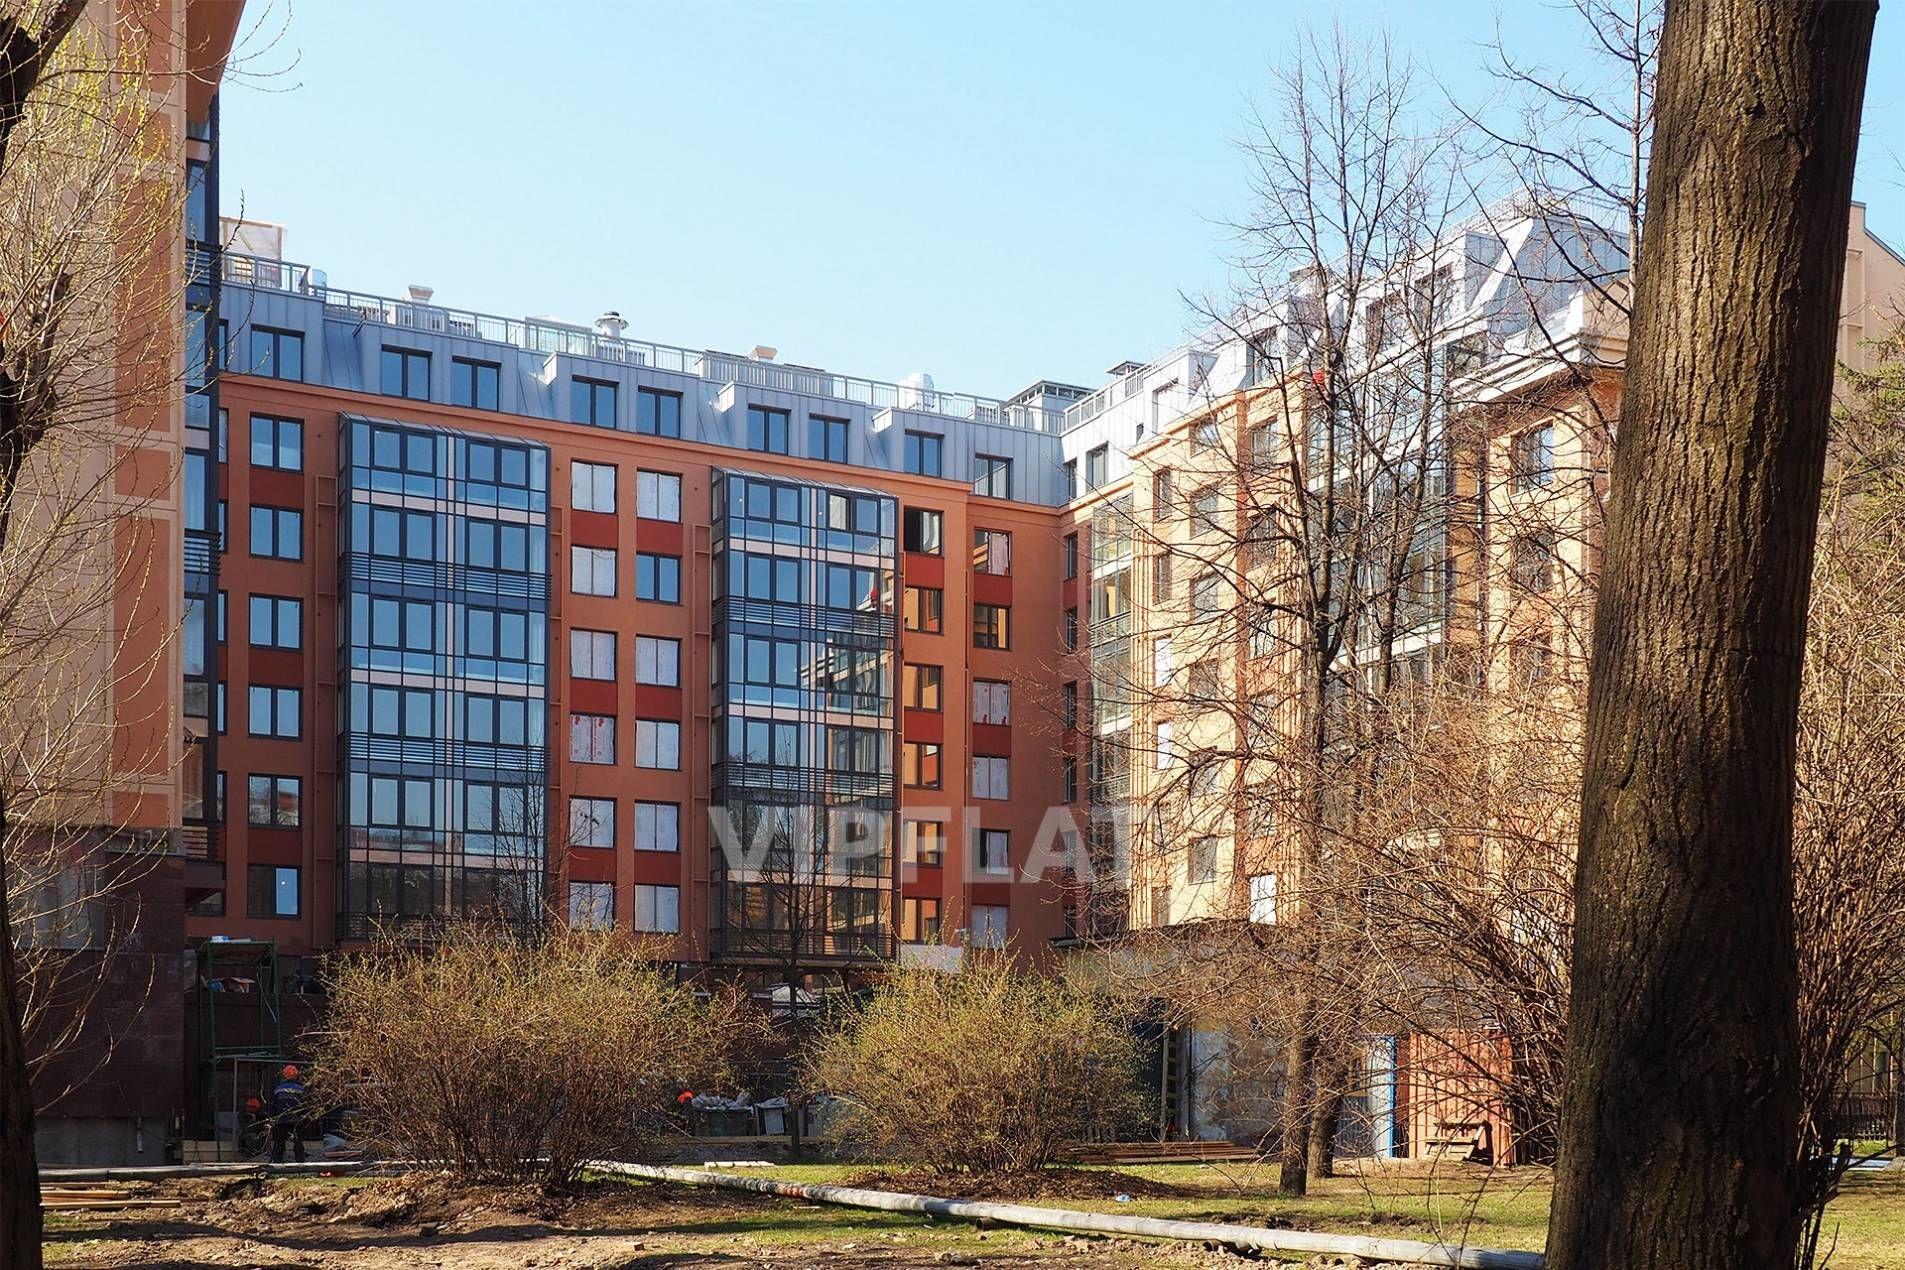 Продажа элитных квартир Санкт-Петербурга. 2-я Советская ул., 4 Зеленый закрытый двор